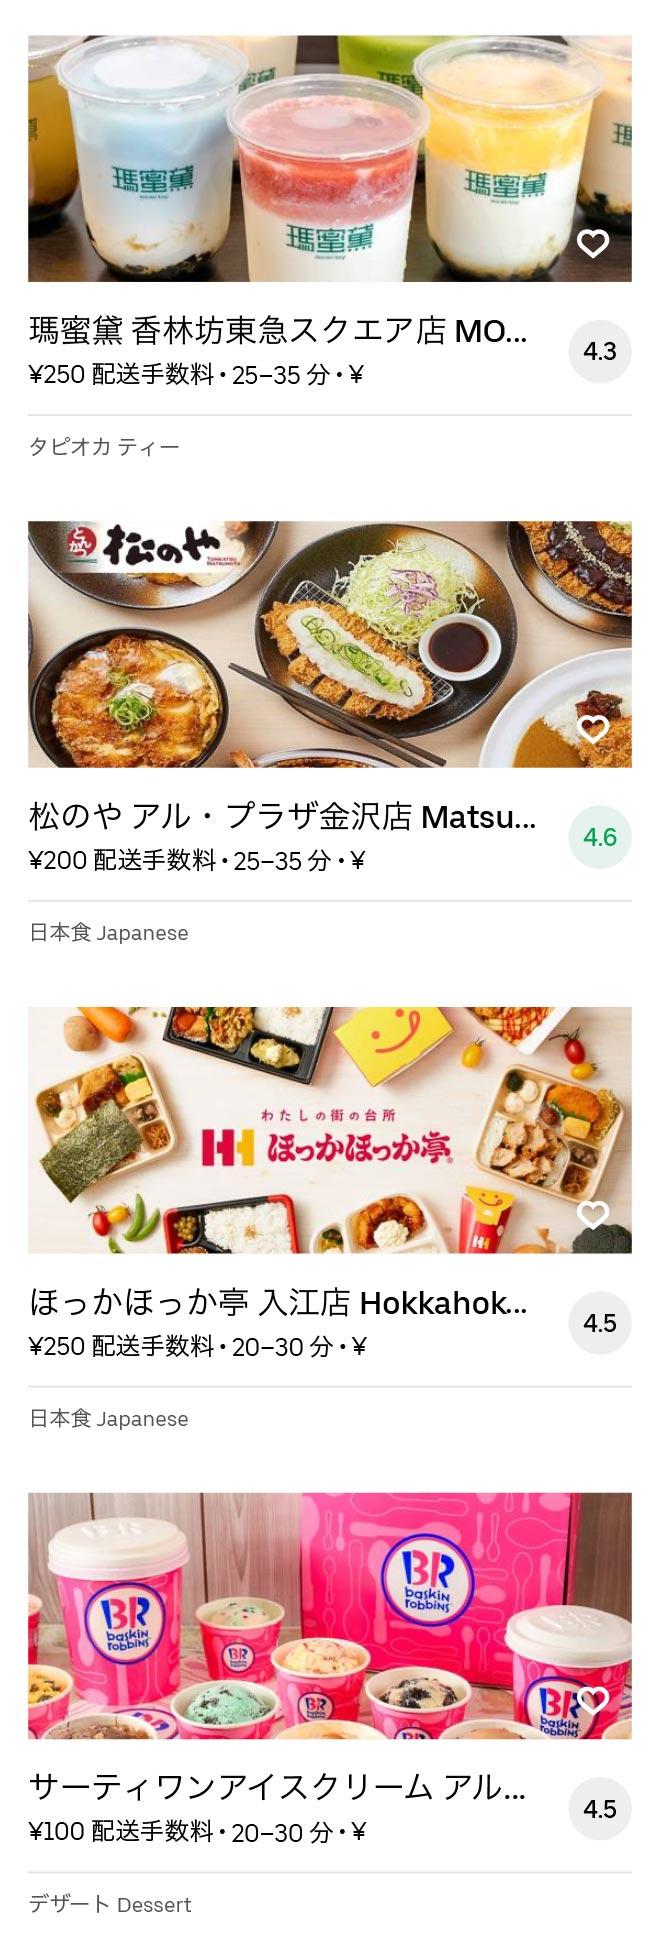 Kanazawa menu 2009 06